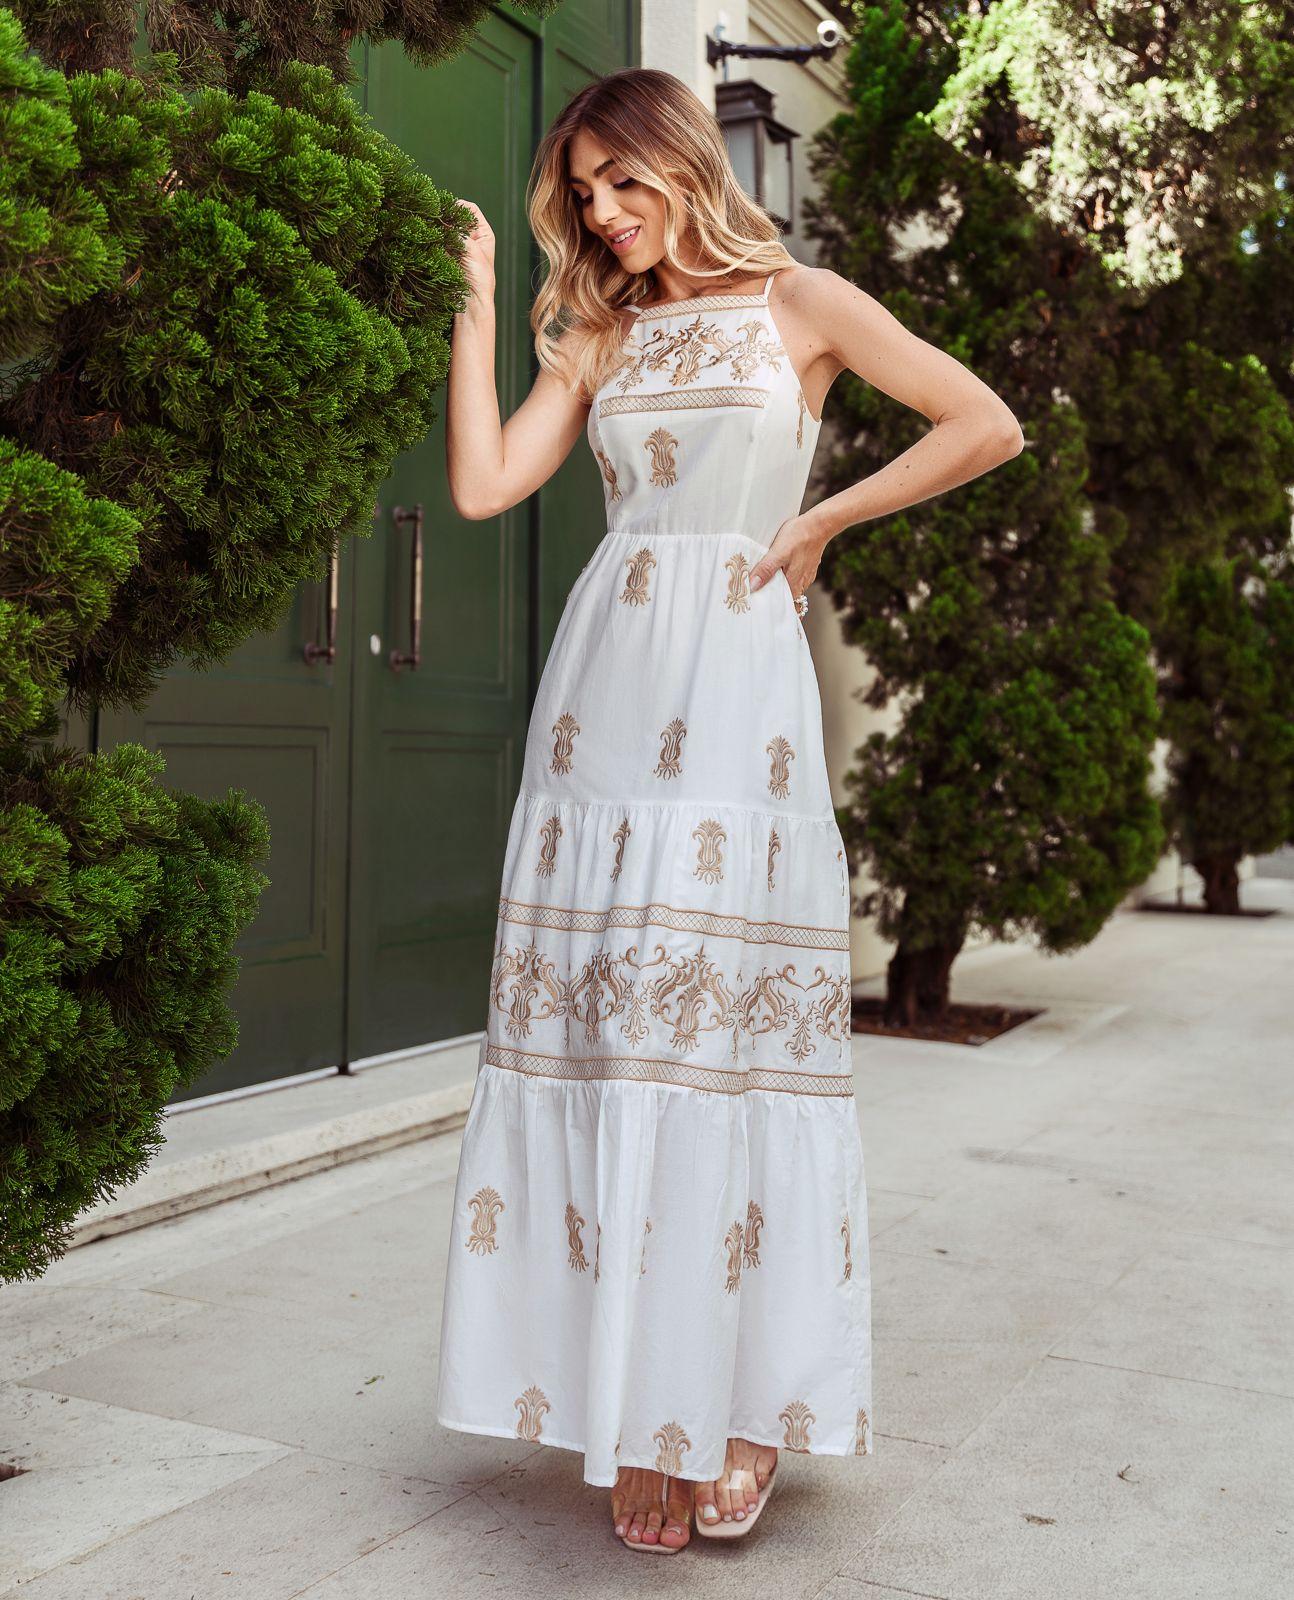 Vestido Daniela Bordado Arabesco Grego  Detalhe Decote Costas 80% Algodão (Forro)